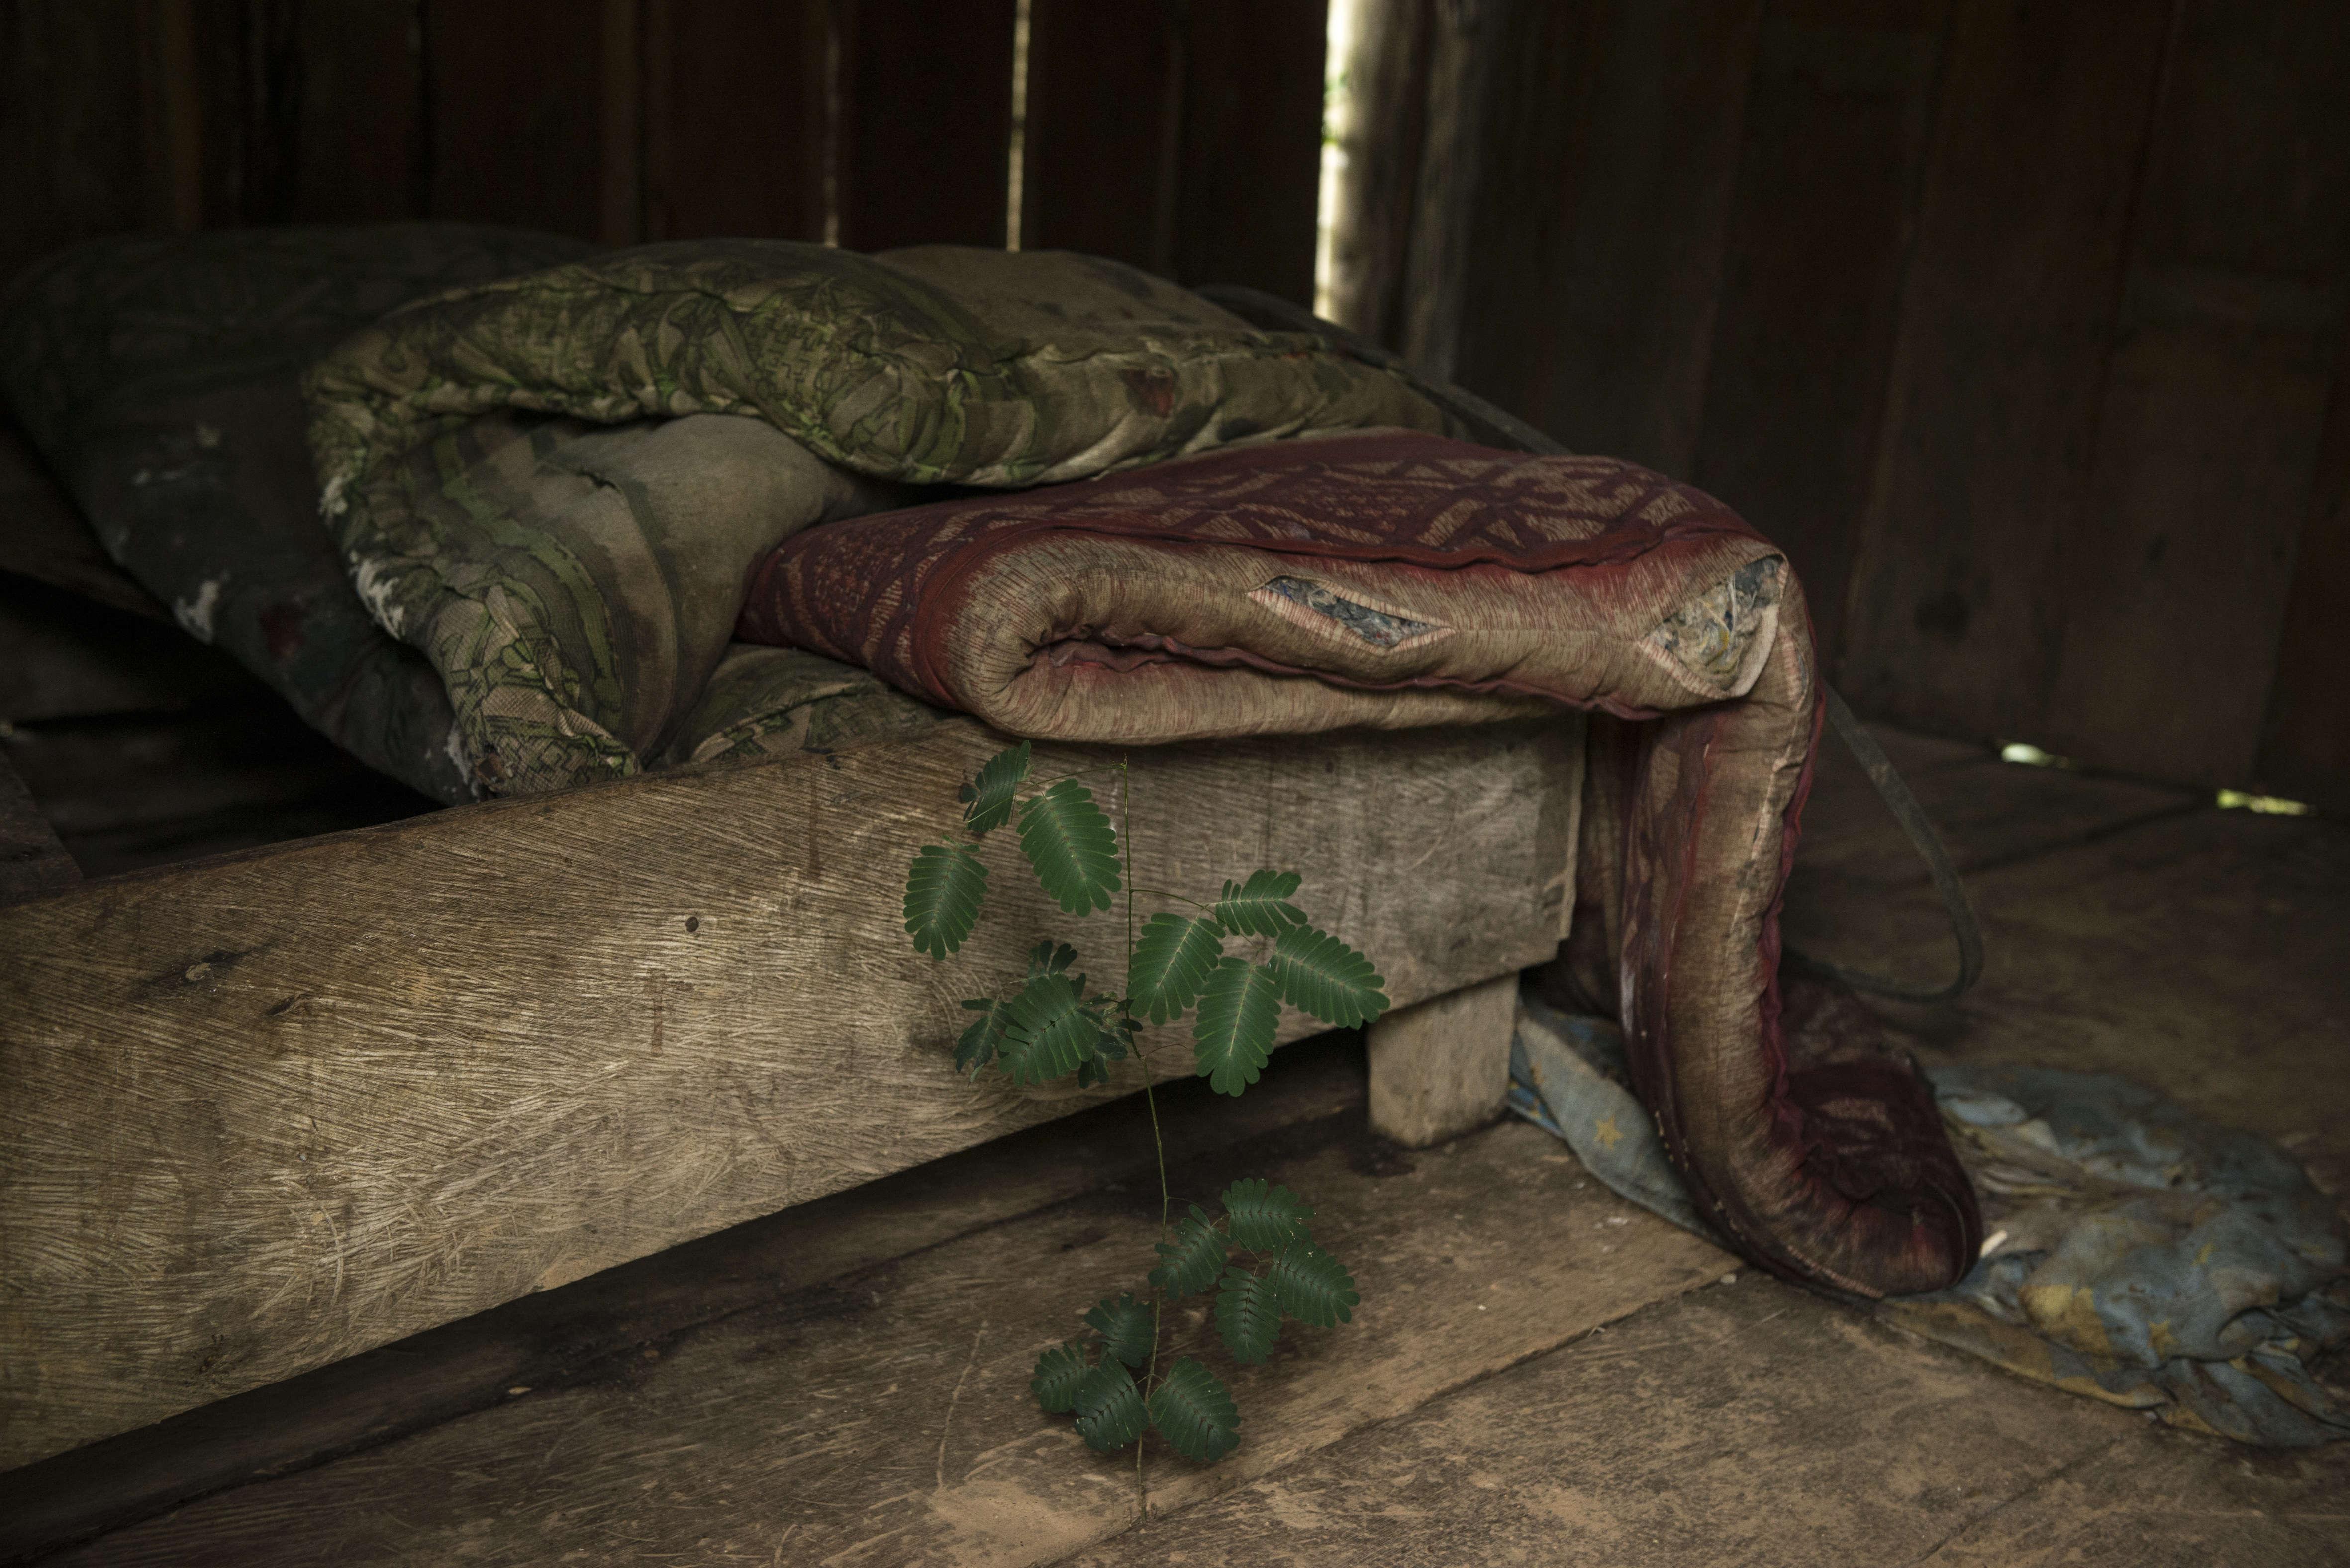 """Dans la maison abandonnée d'une ferme à Peñas Roja, une plante a percé au travers des lames de bois du sol. Le village est peuplé d'une petite centaine de personnes. Sa population baisse depuis que la production de coca s'est effondré en raison de l'invasion d'un parasite, le """"gringo""""."""